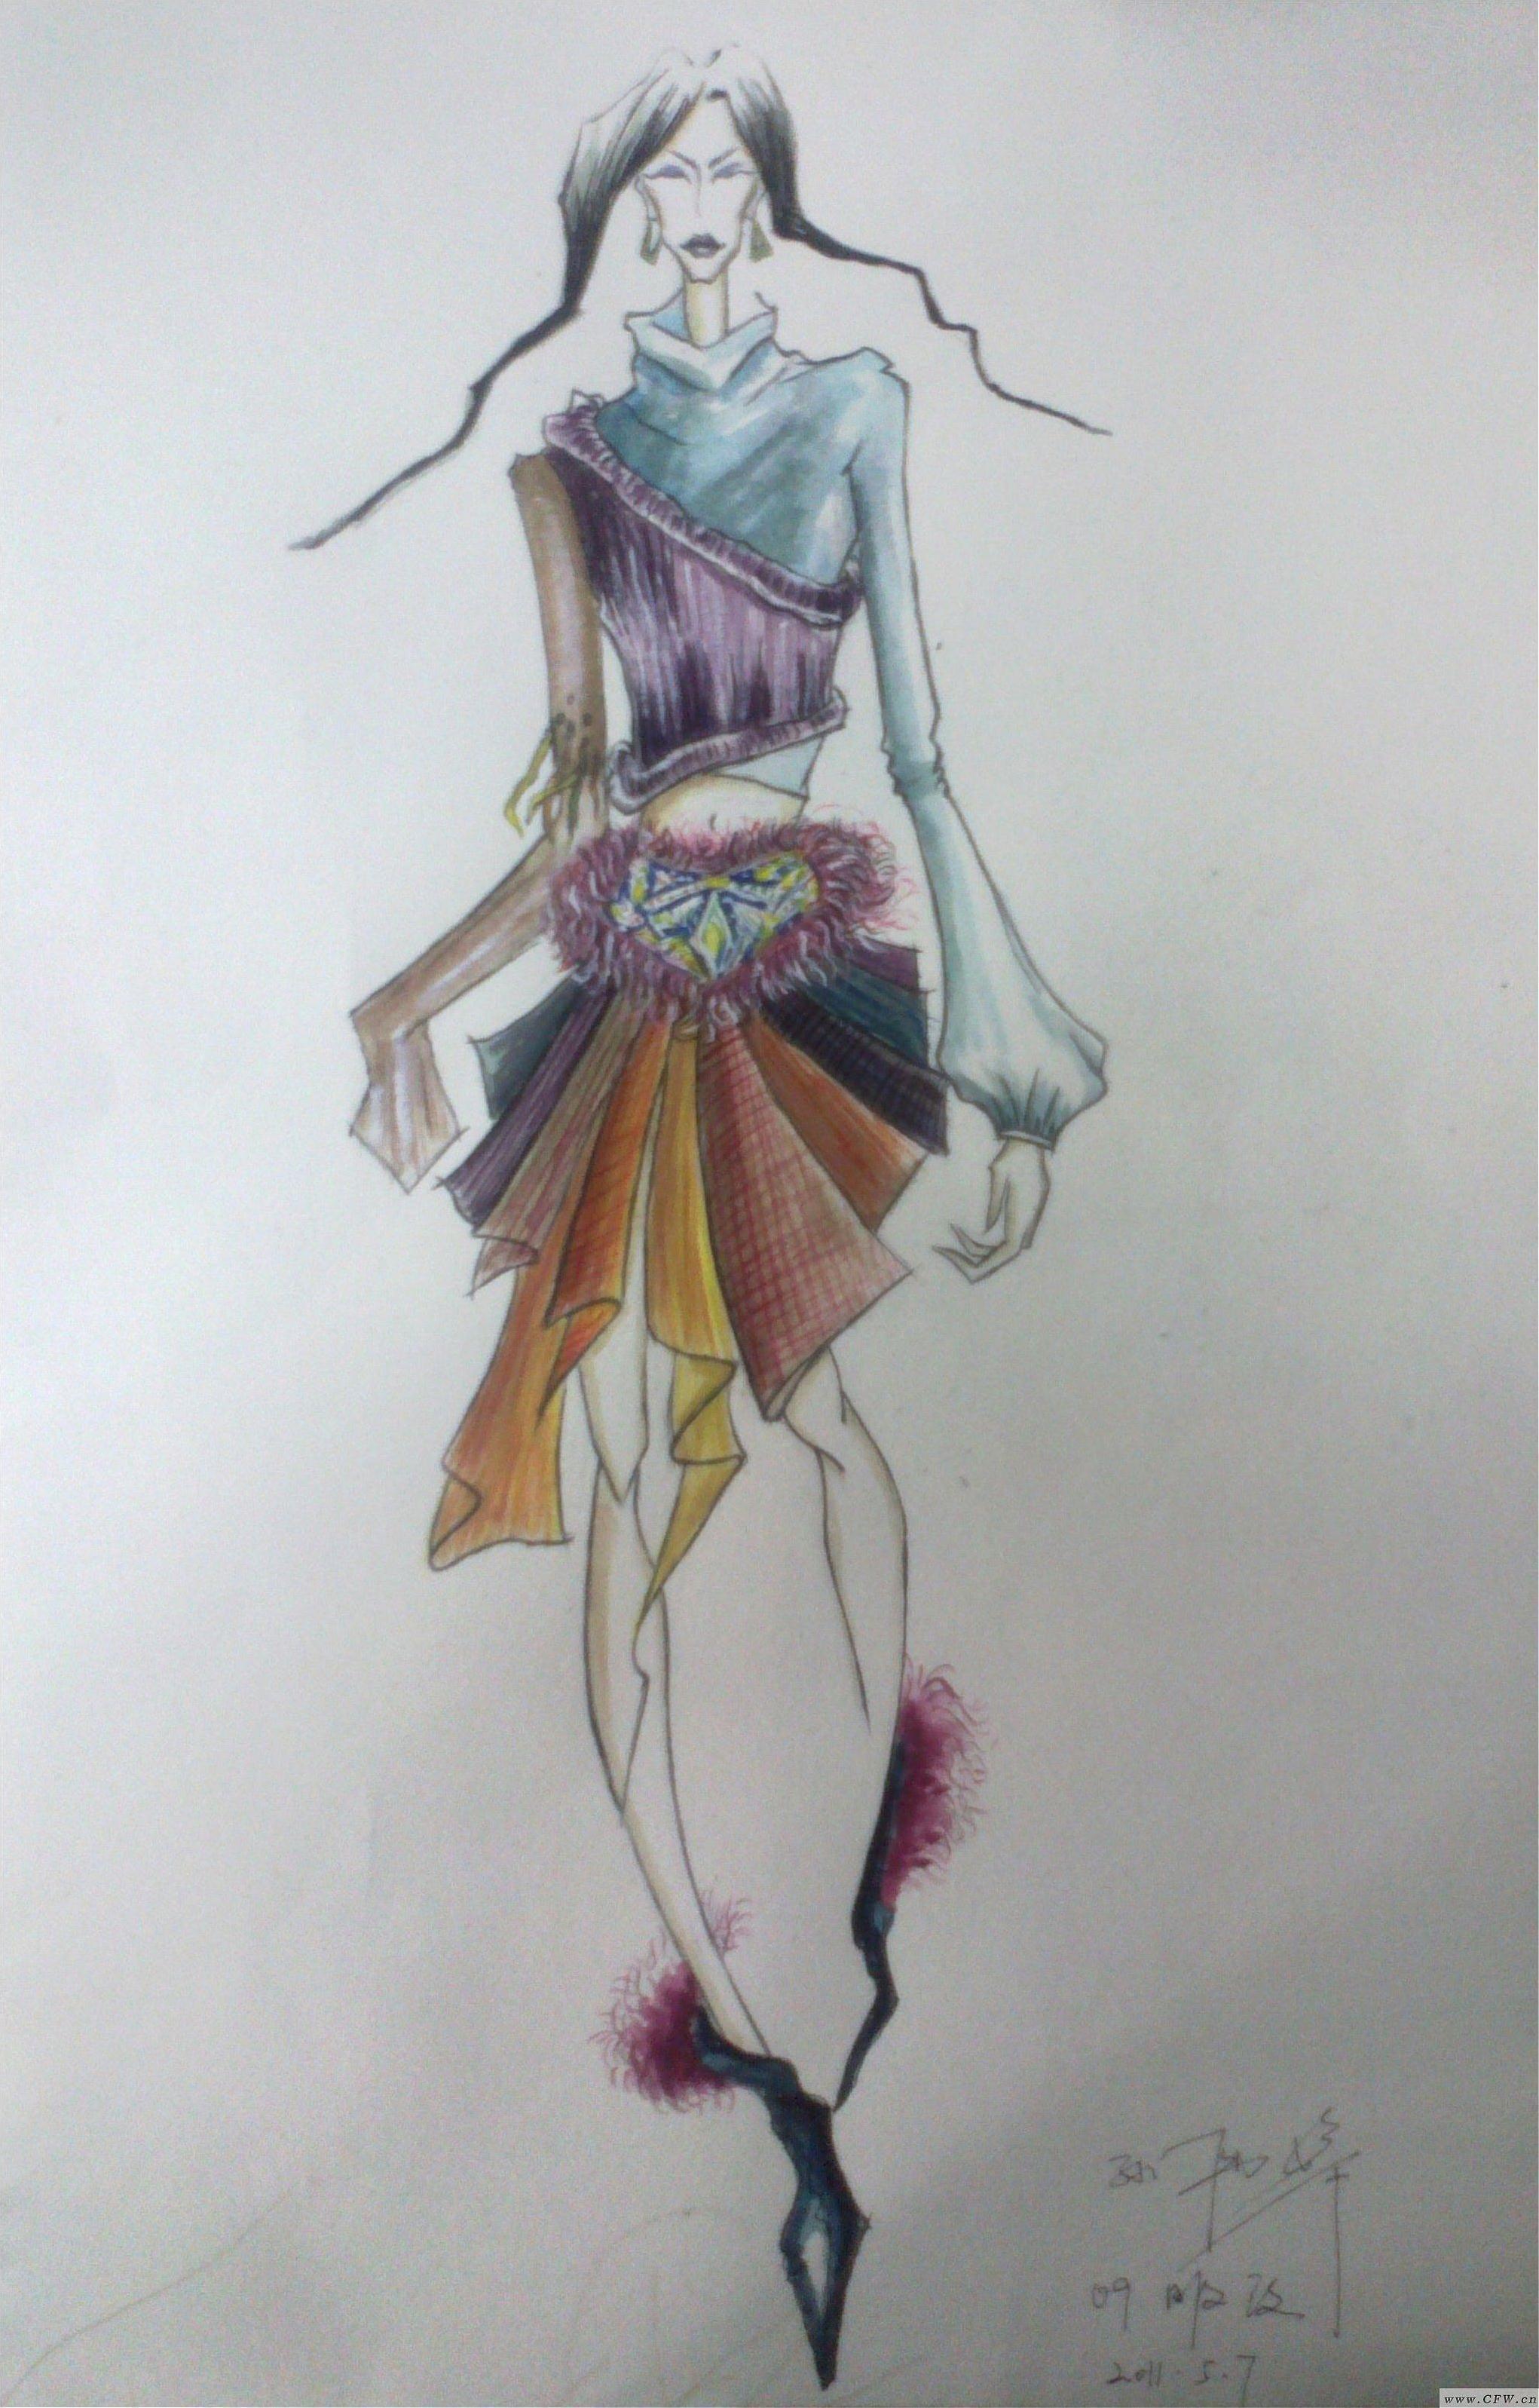 时装效果手绘图-女装设计-服装设计